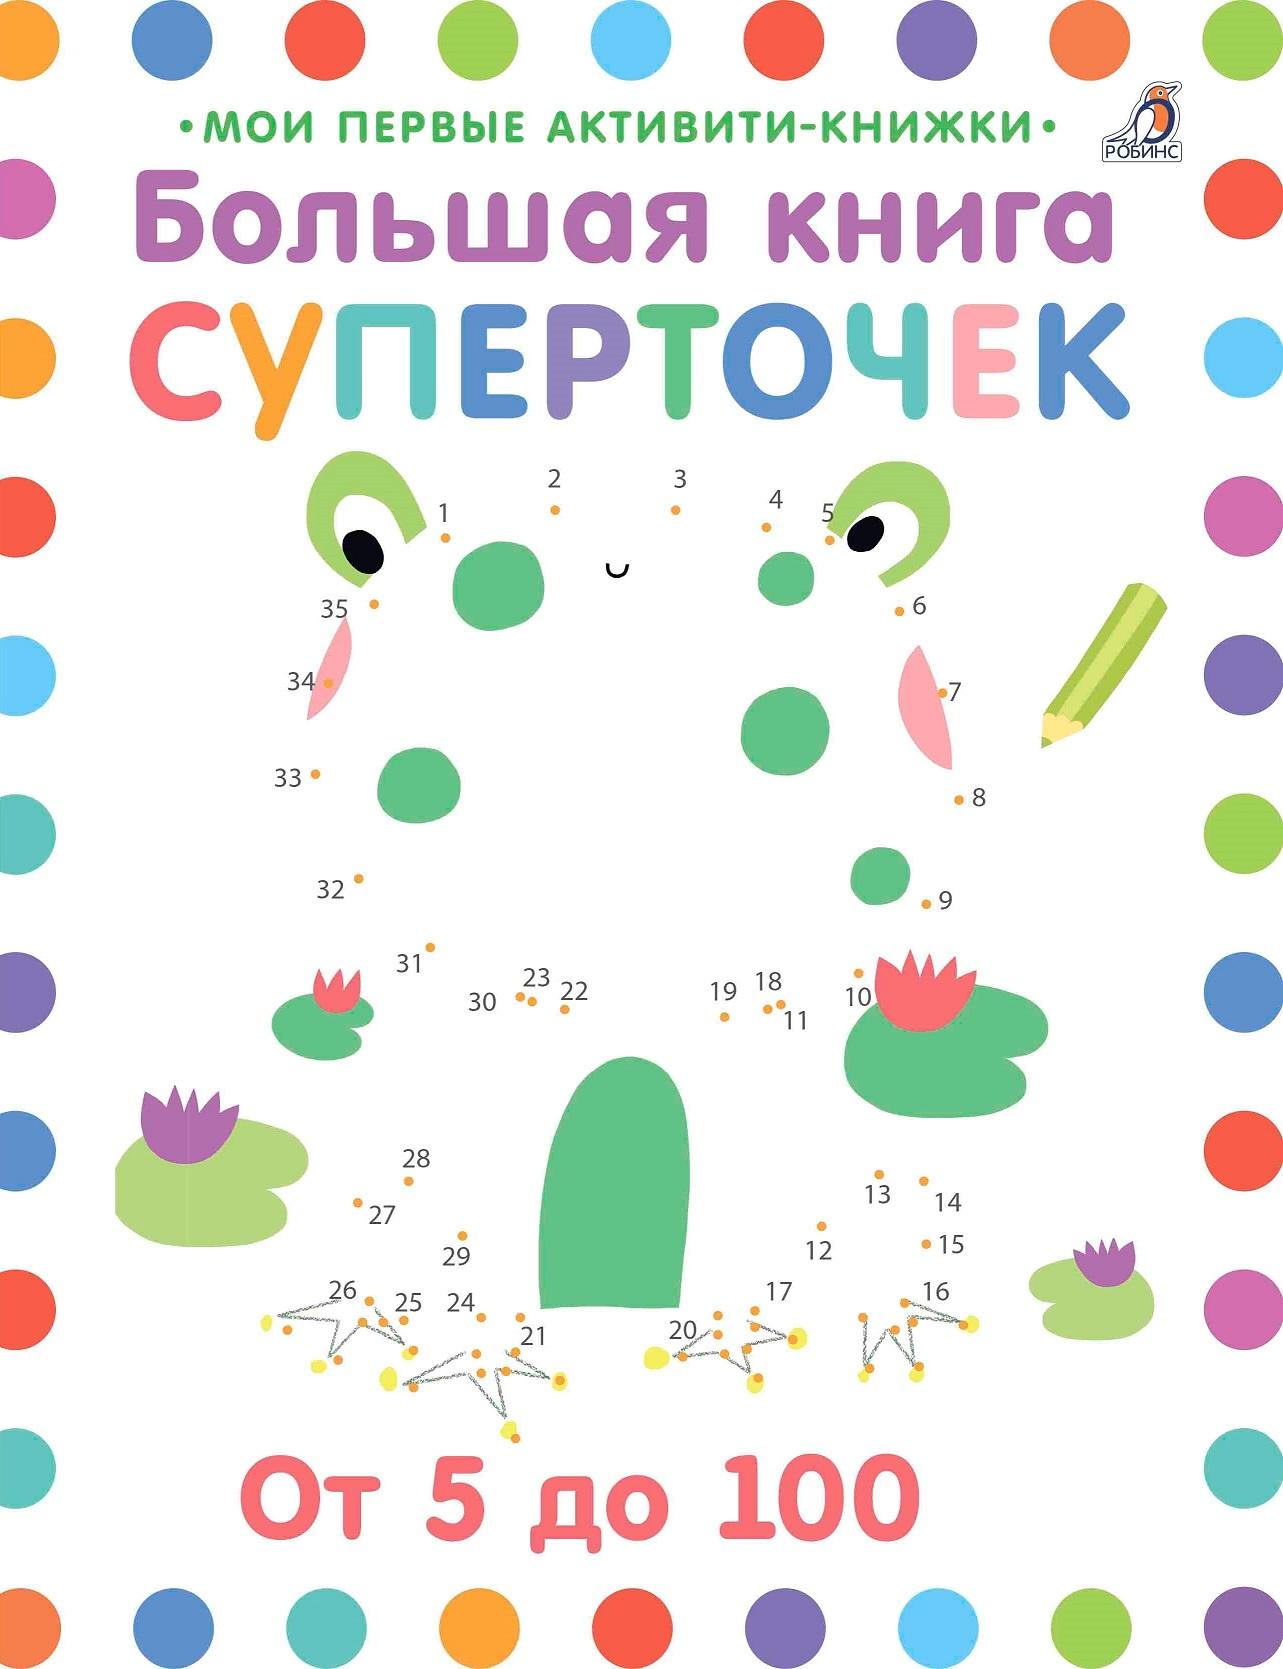 Большая книга суперточек с заданиямиЗадания, головоломки, книги с наклейками<br>Большая книга суперточек с заданиями<br>